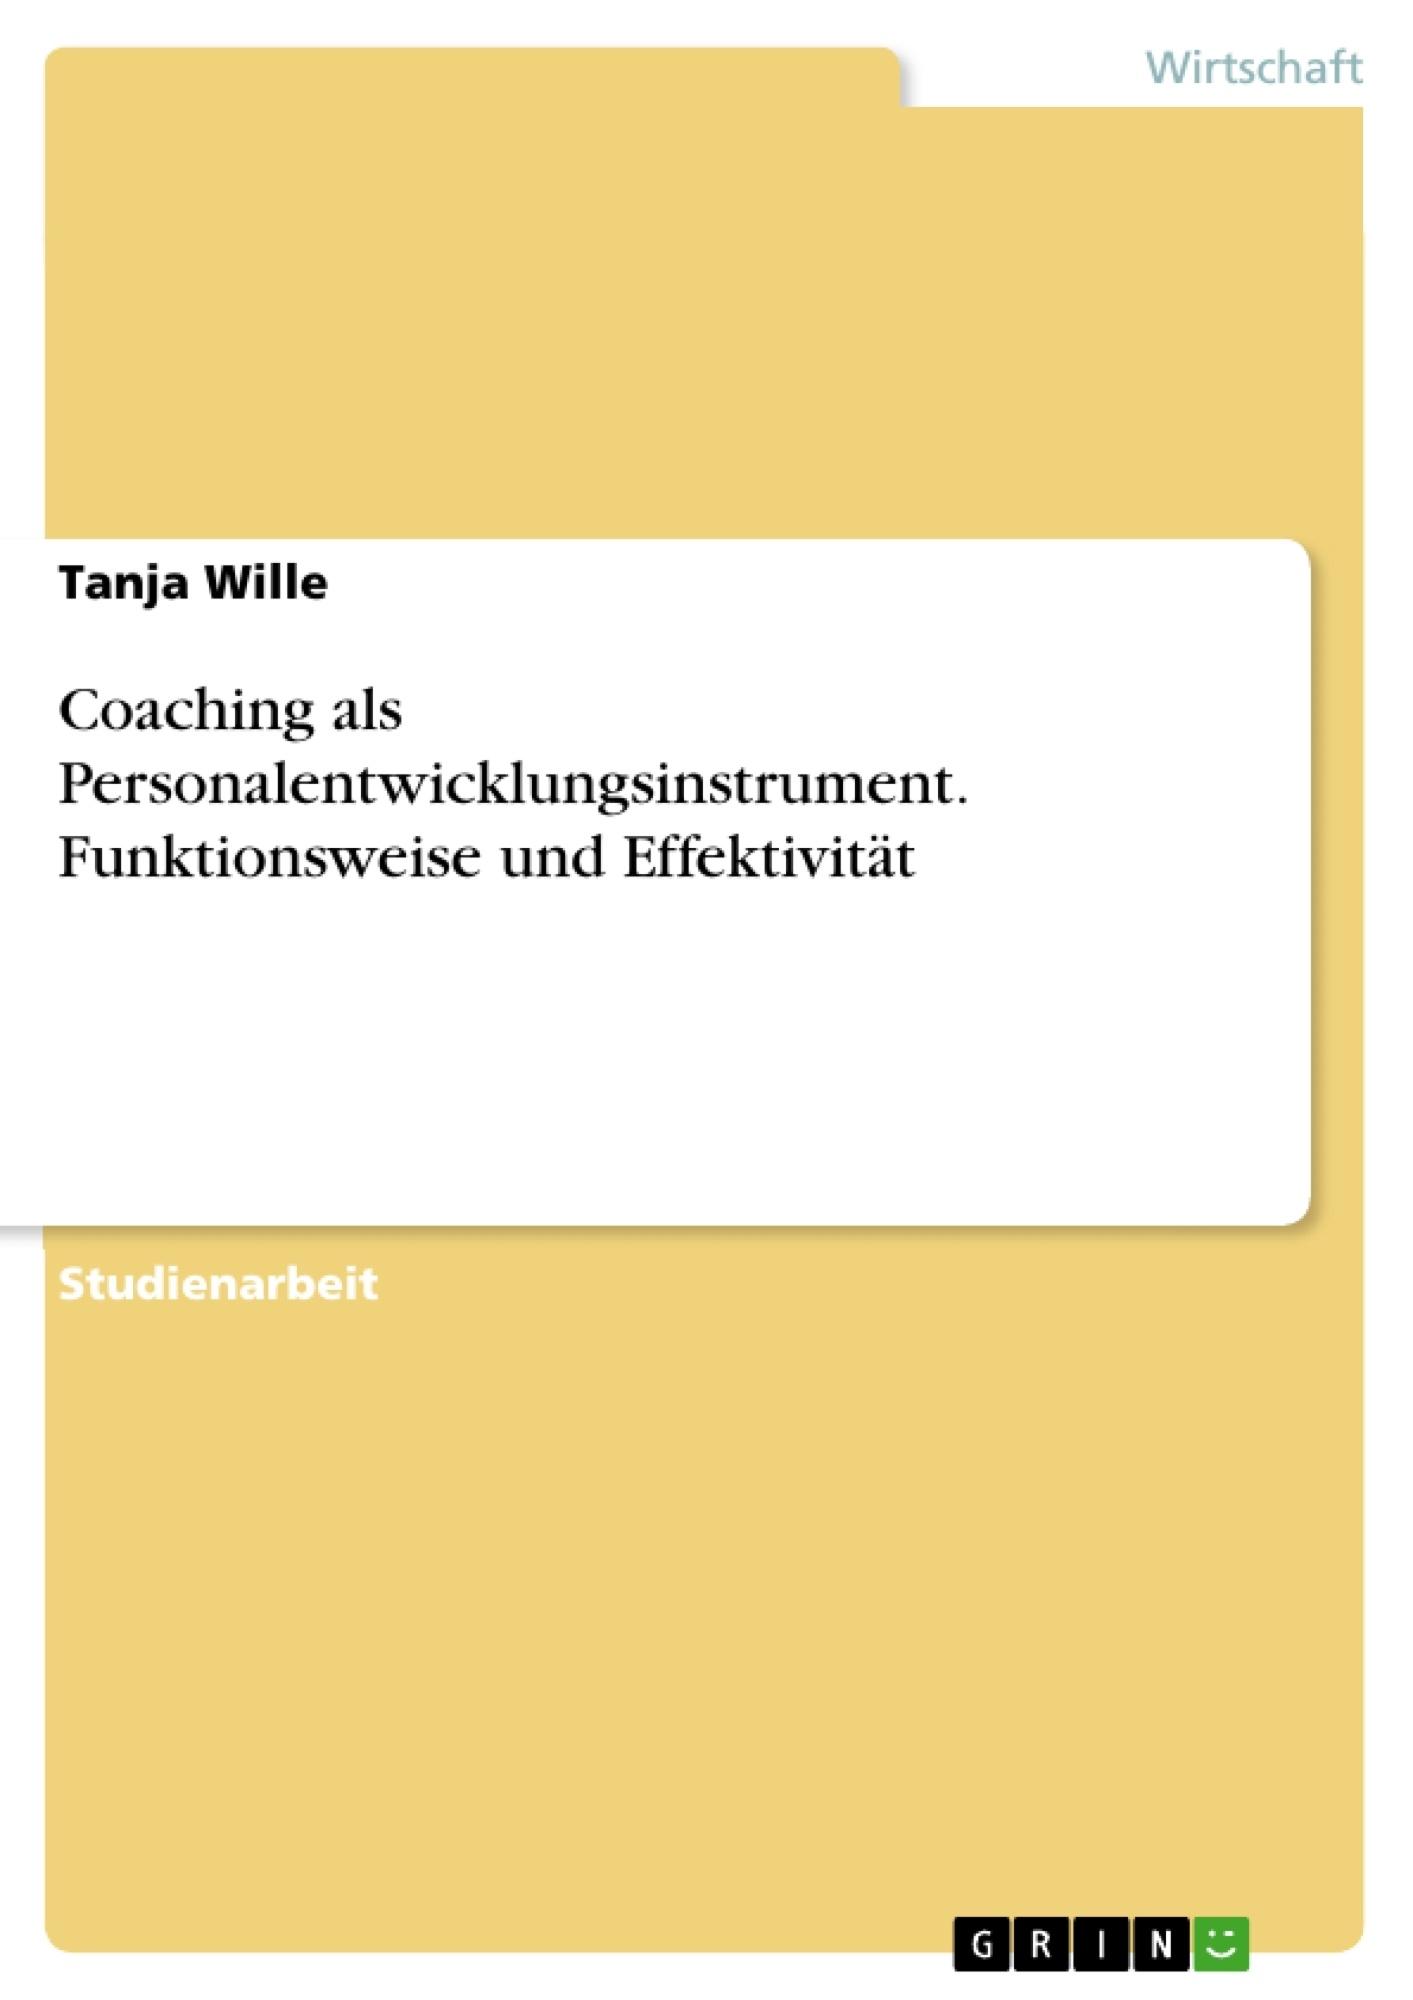 Titel: Coaching als Personalentwicklungsinstrument. Funktionsweise und Effektivität